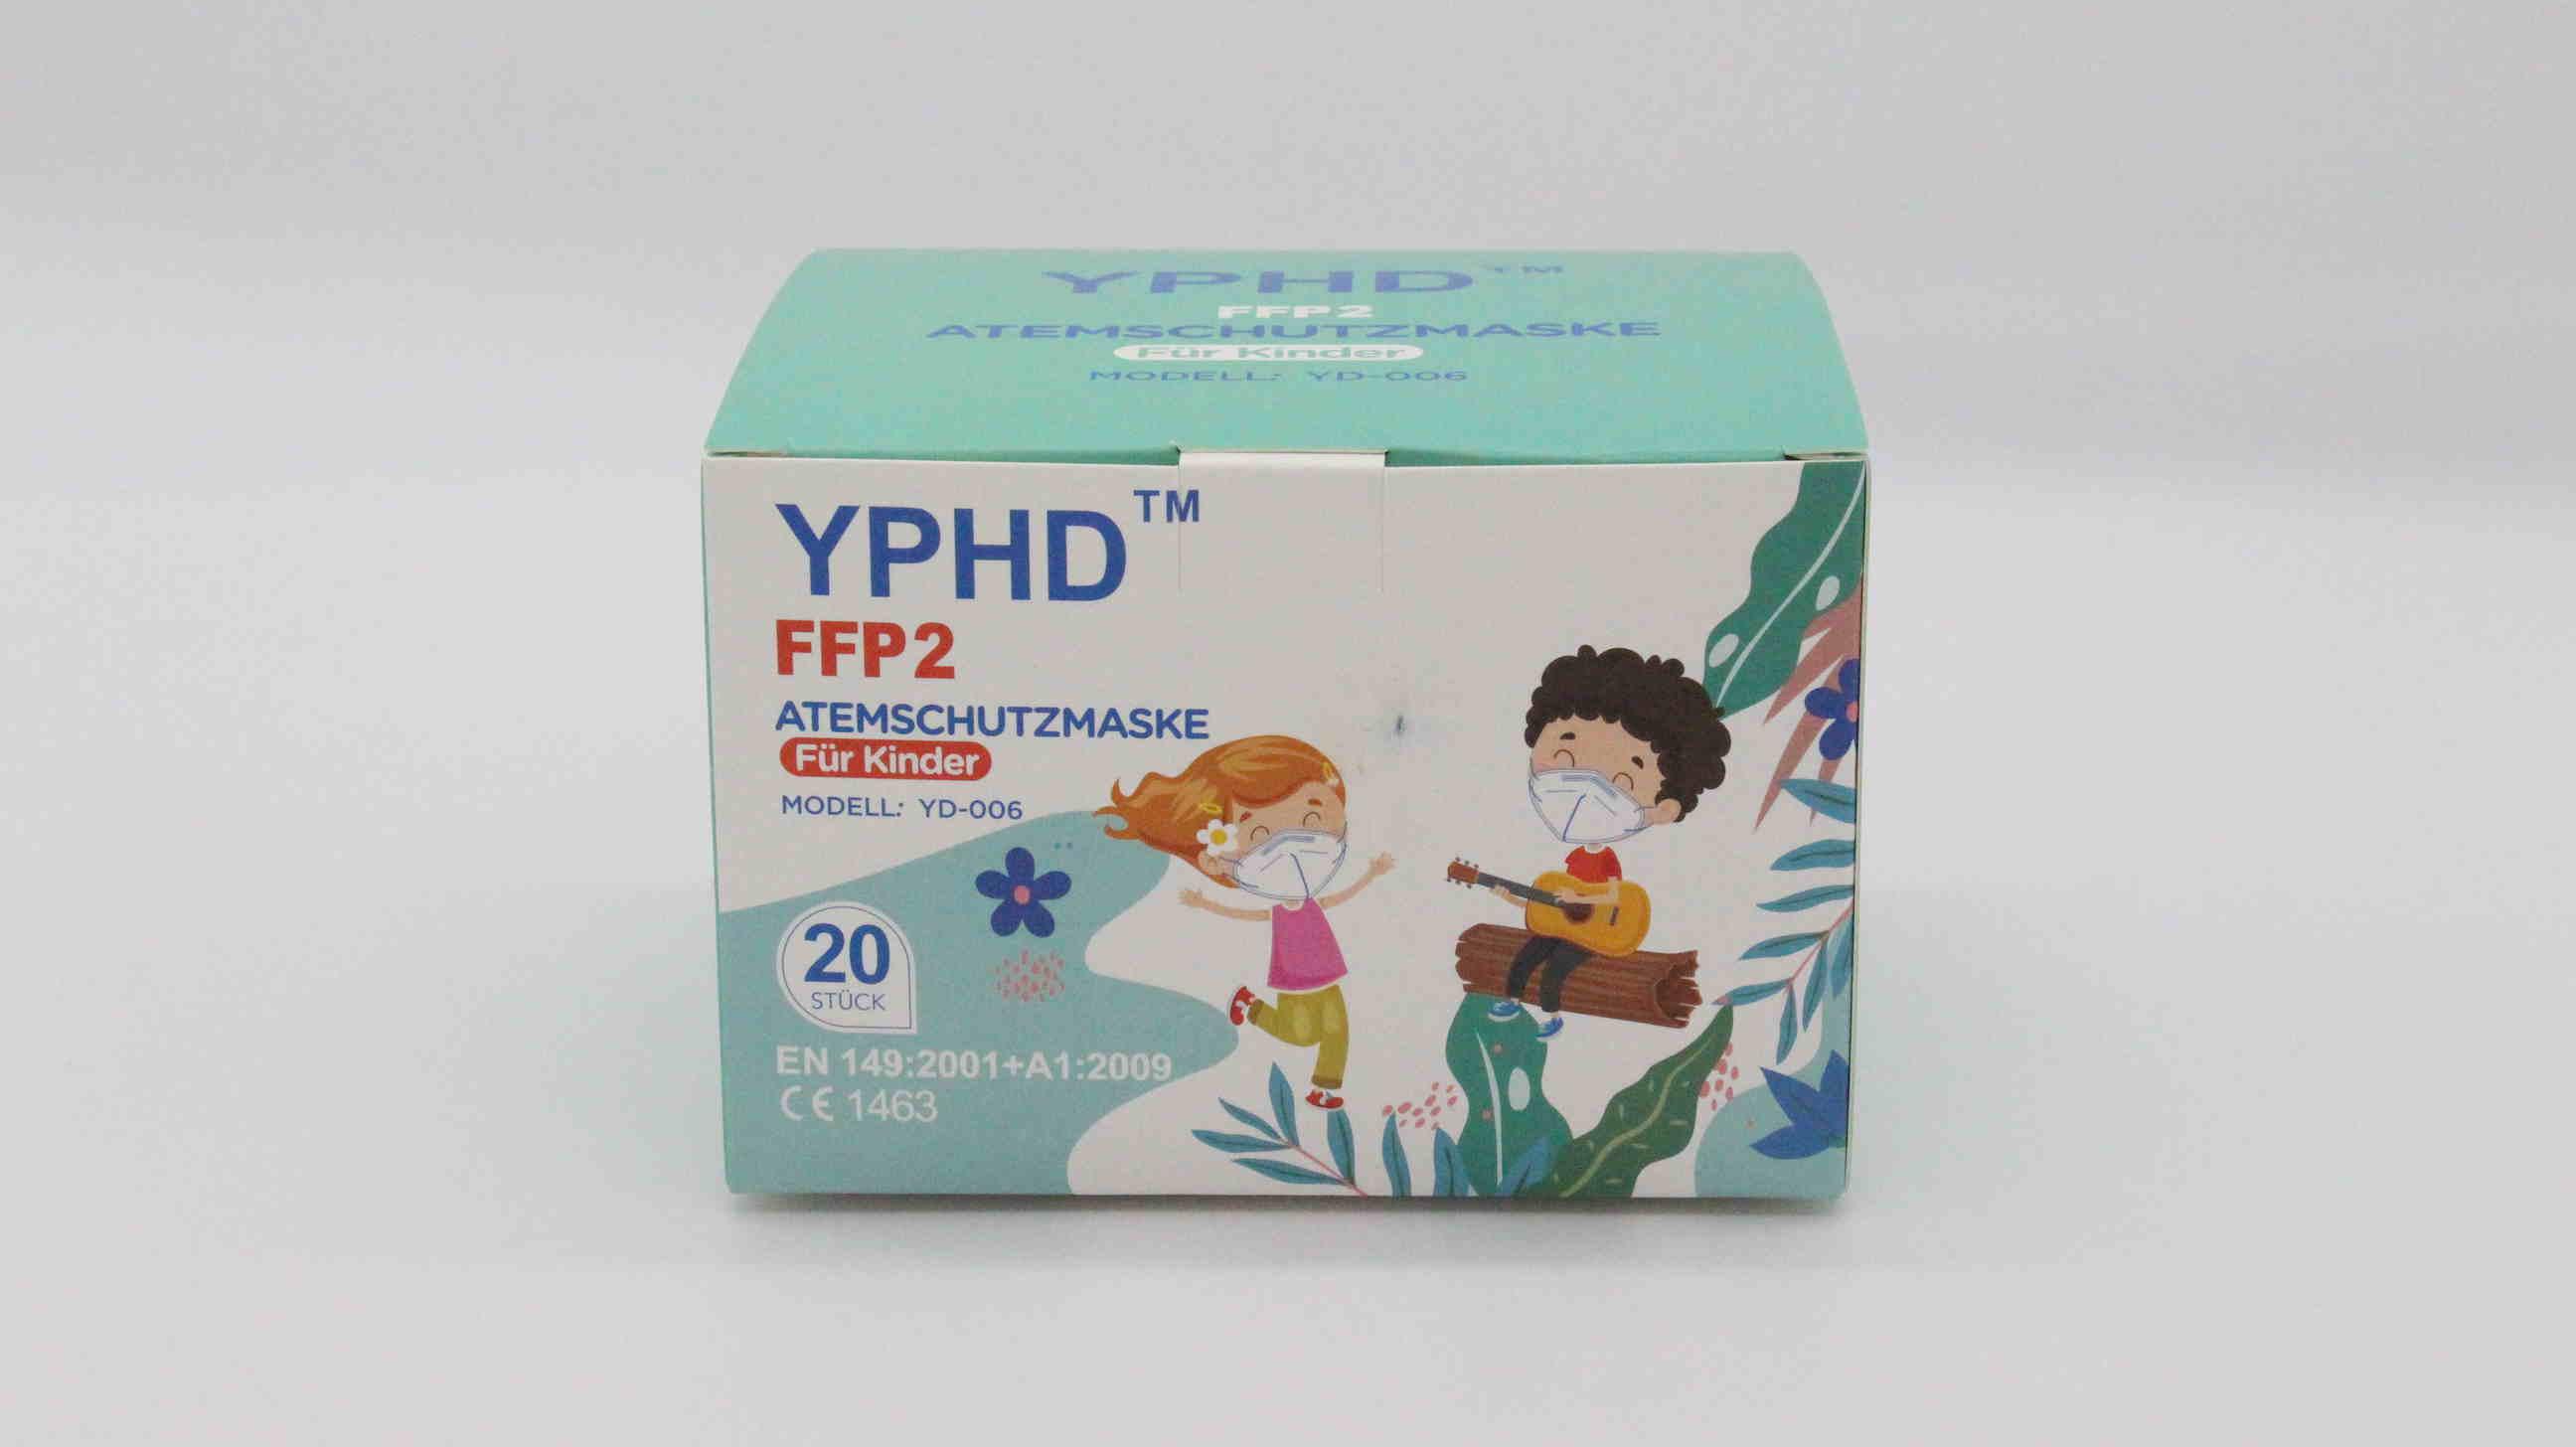 FFP2 Atemschutzmaske für Kinder